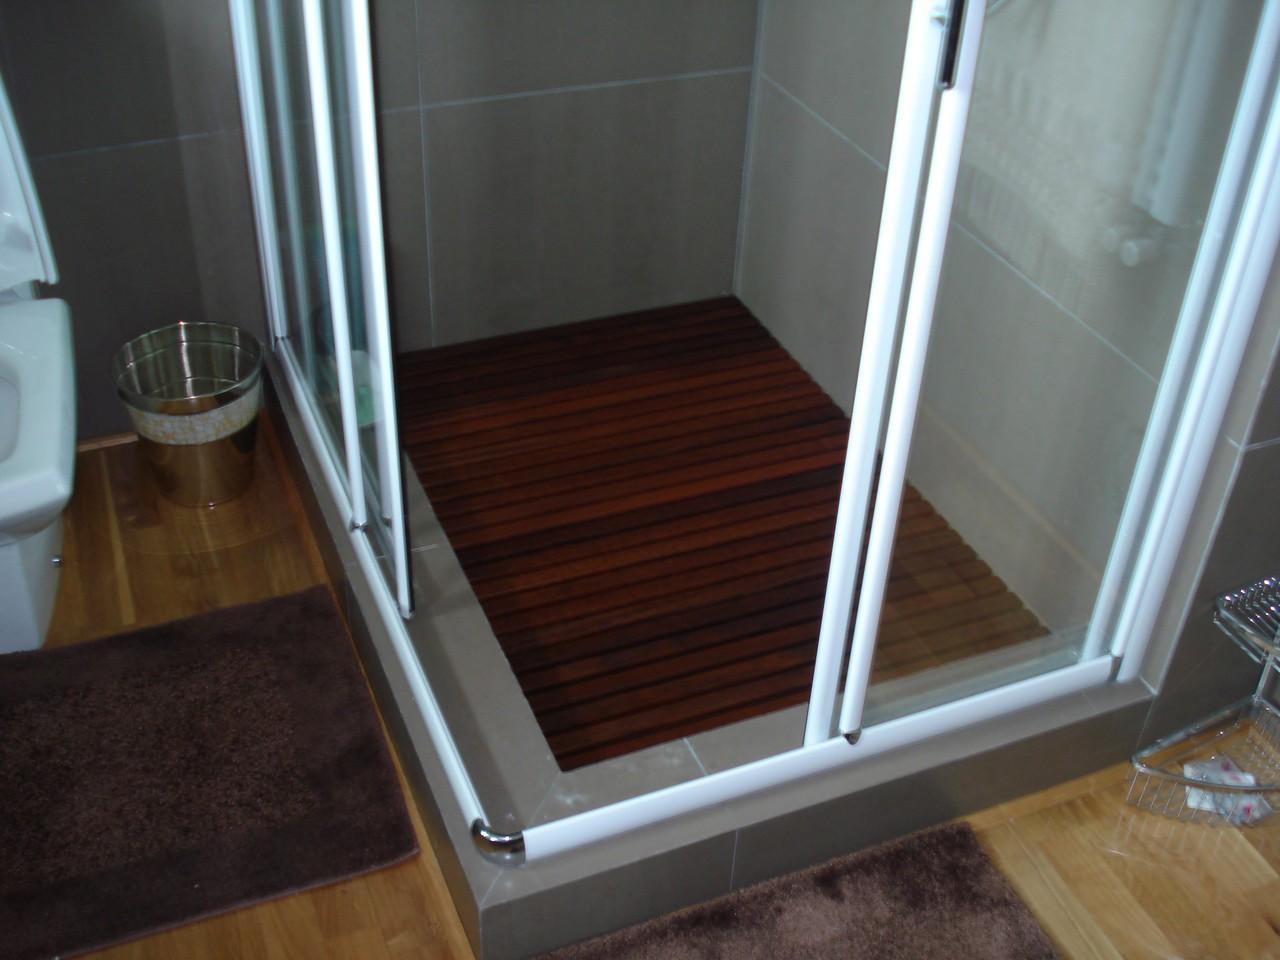 Deck De Madeira Chuveiro Box Banheiro Capacho 48x45 cm Com Pintura NeonX